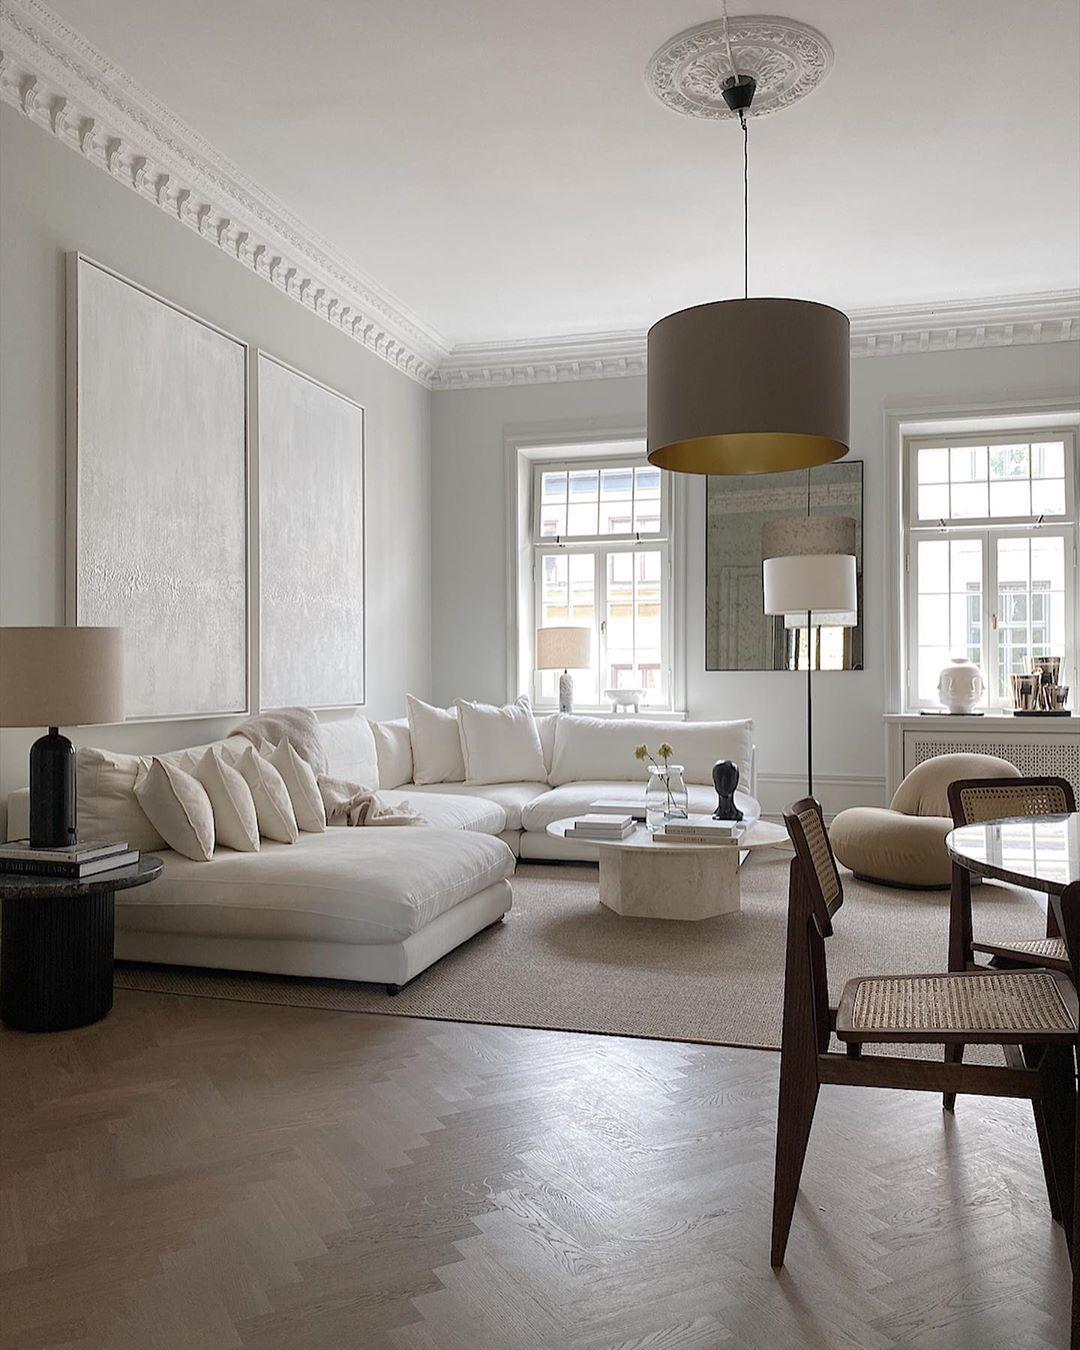 GUBI: GUBI furniture captured in the elegant l